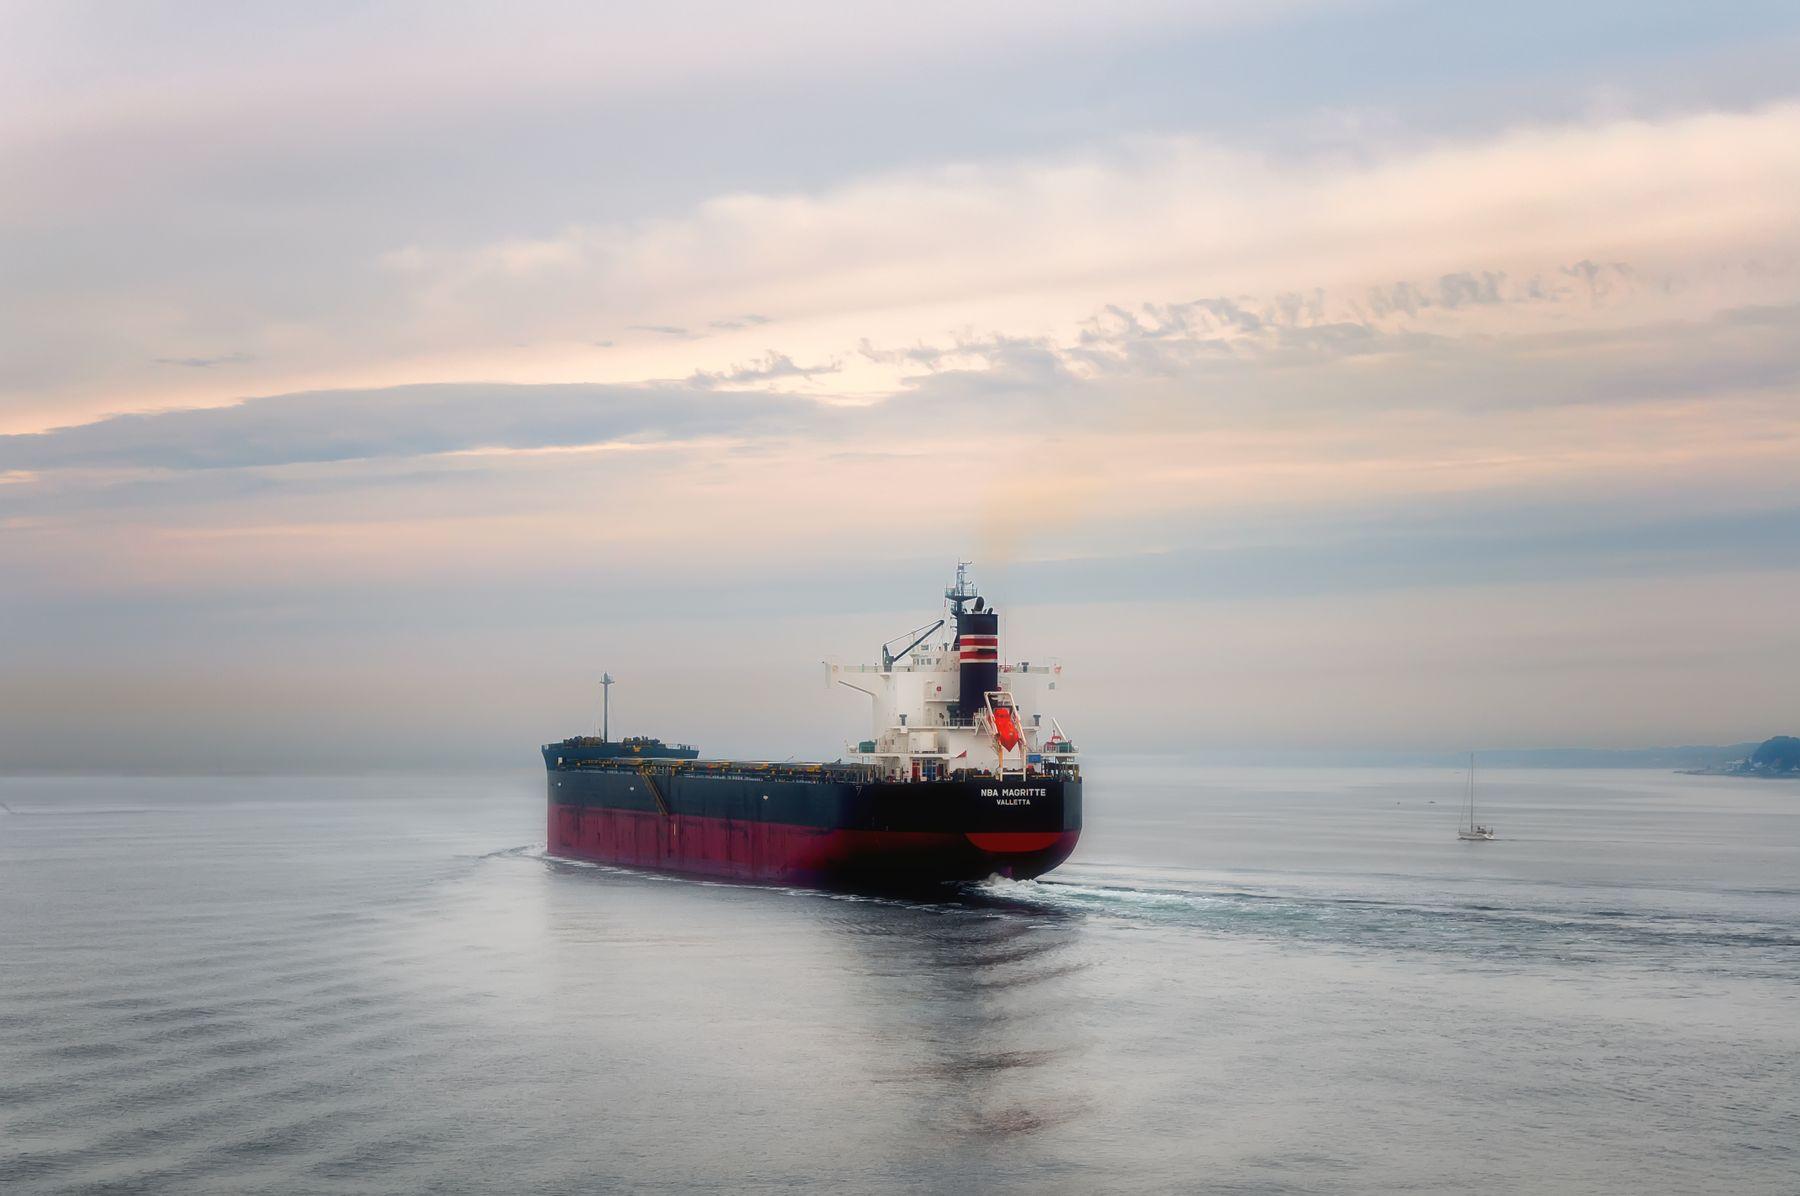 Утро в Северном море Пролив танкер утро